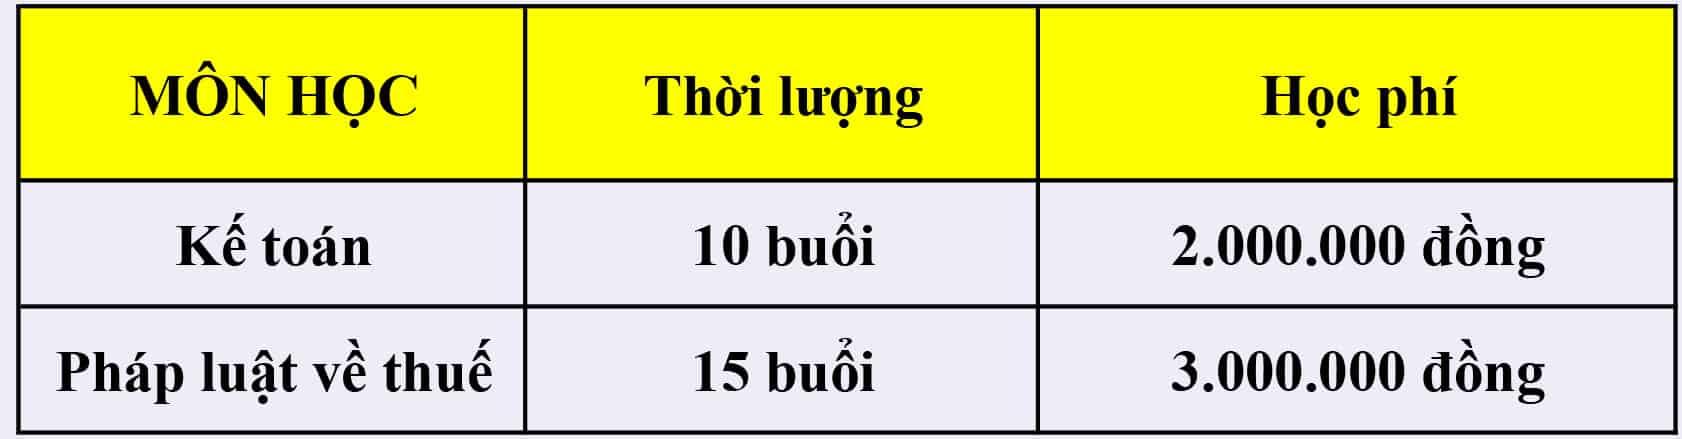 Lớp ôn thi đại lý thuế tại Thái Bình